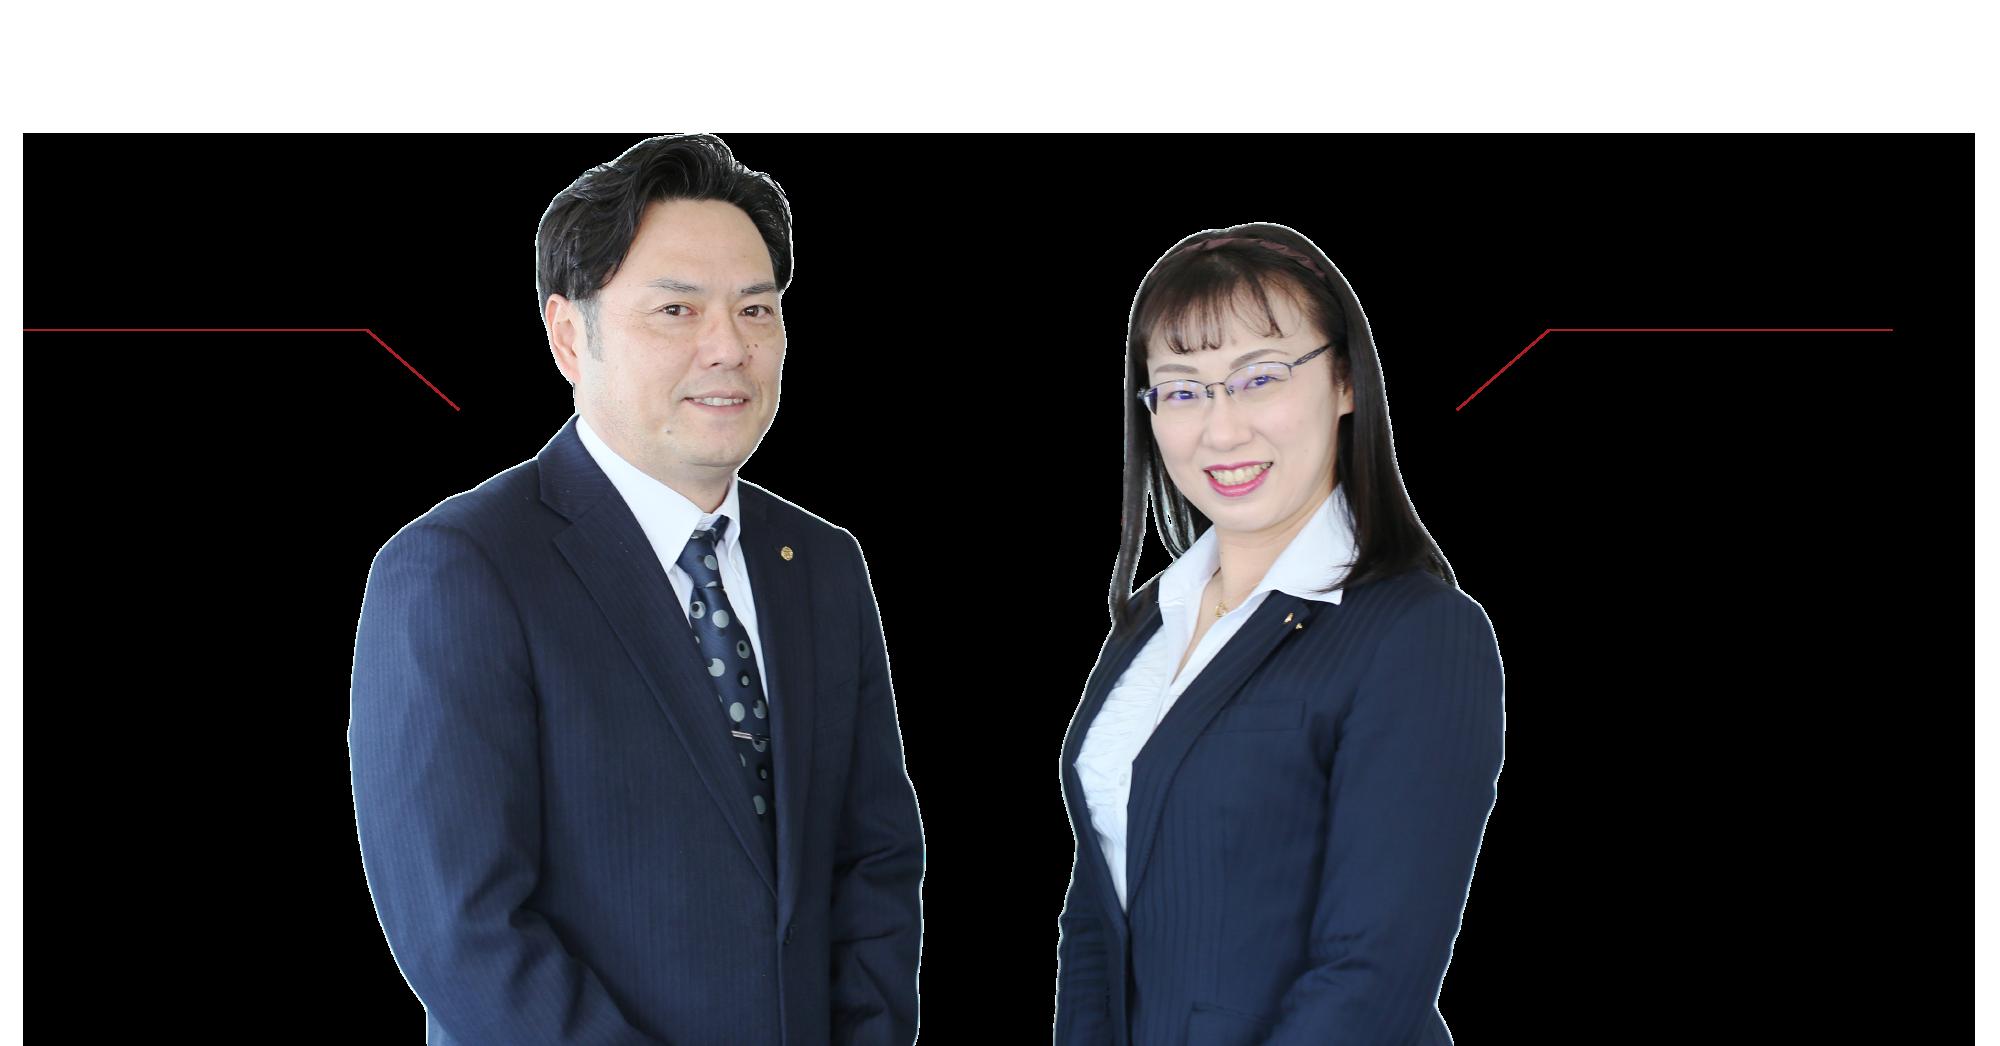 株式会社マスナリ代表取締役会長 市岡 佳子 / 取締役社長 砂原 亮雄